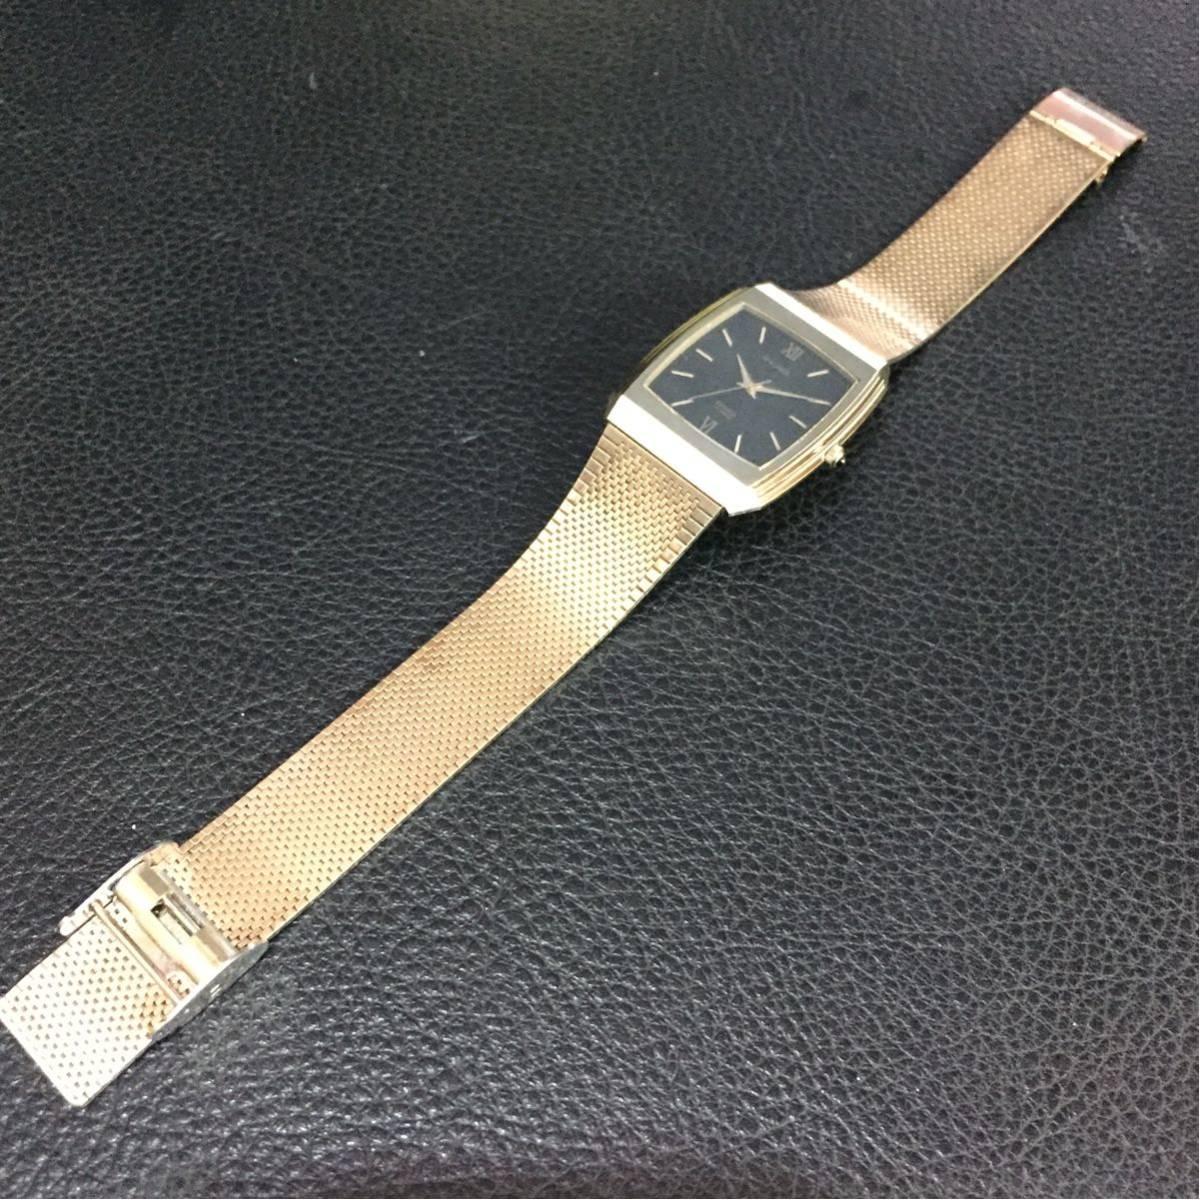 動作品【B-3】CITIZEN シチズン EXCEED エクシード 4-798392 クォーツ メンズ 腕時計_画像8